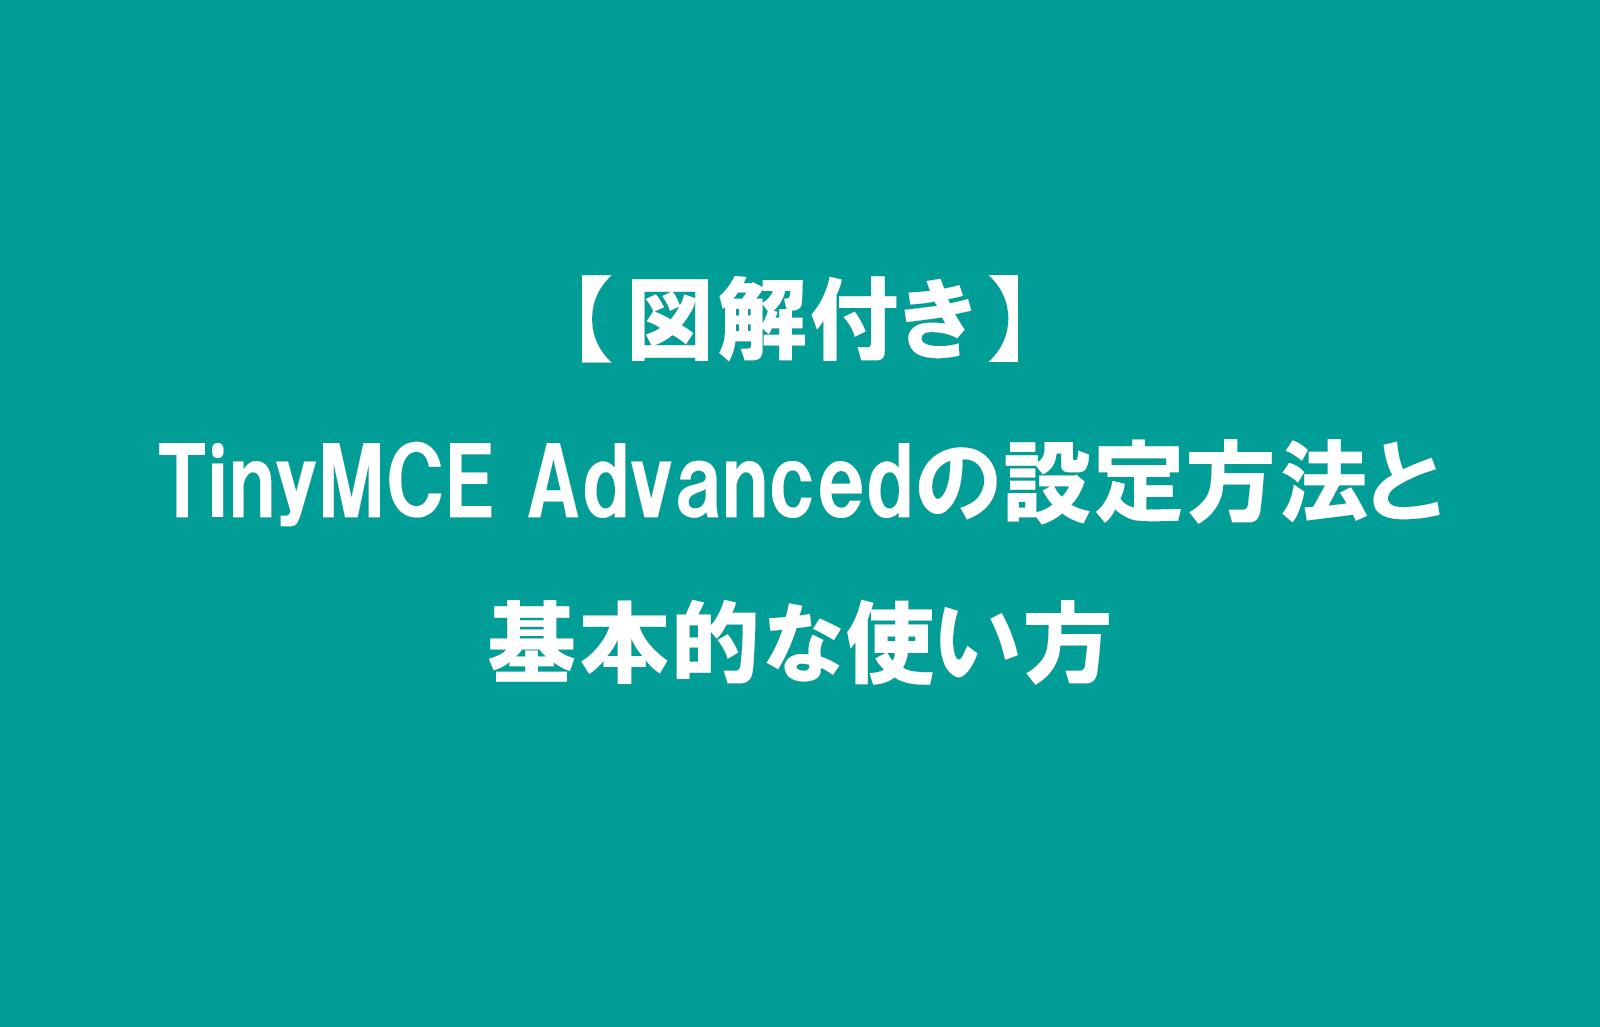 【図解付き】TinyMCE Advancedの設定方法と基本的な使い方